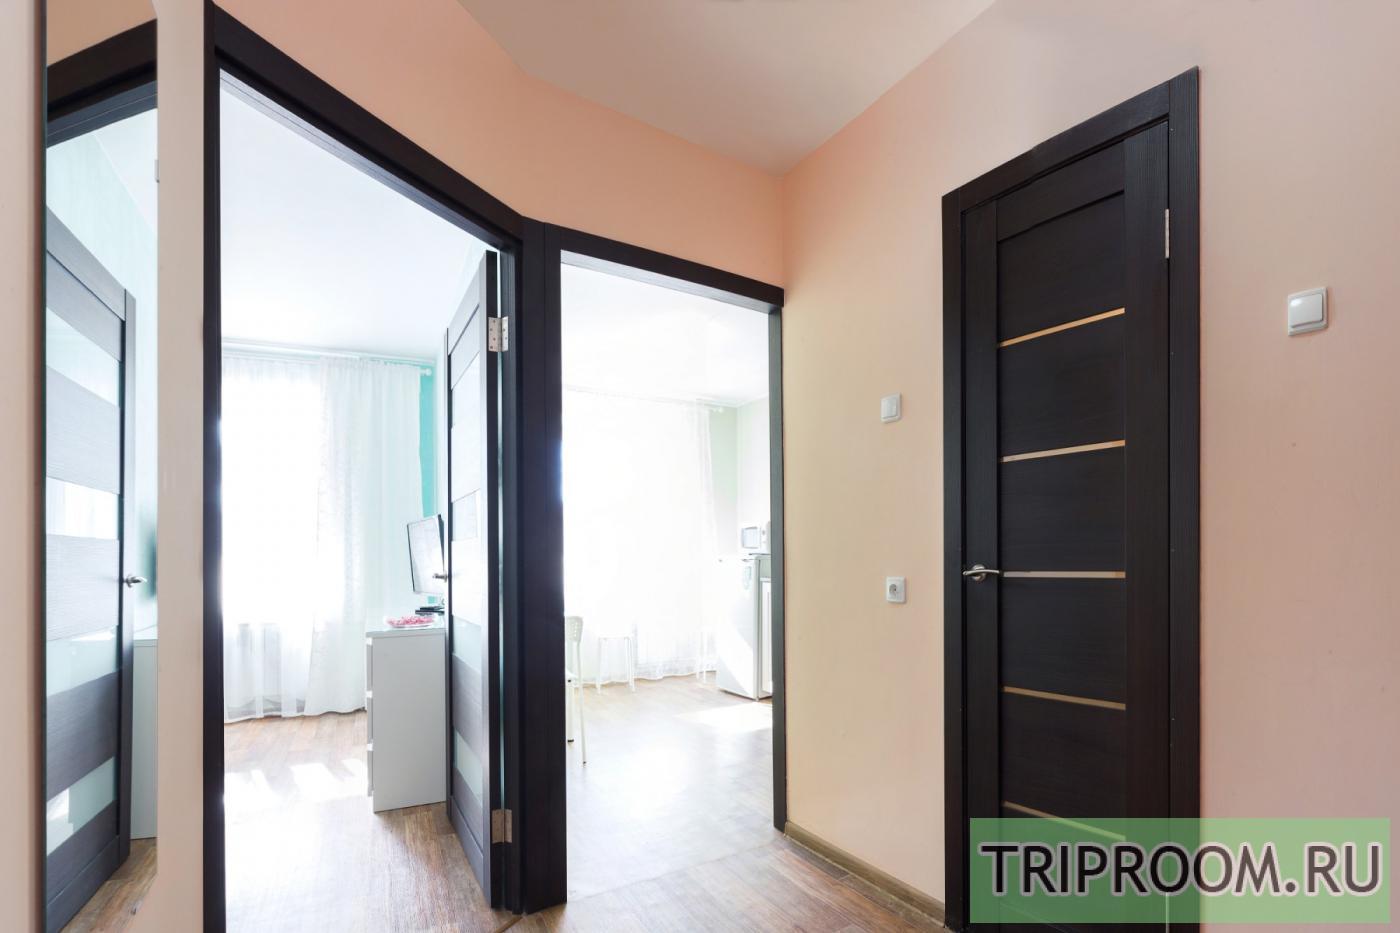 1-комнатная квартира посуточно (вариант № 33104), ул. Вилонова улица, фото № 12